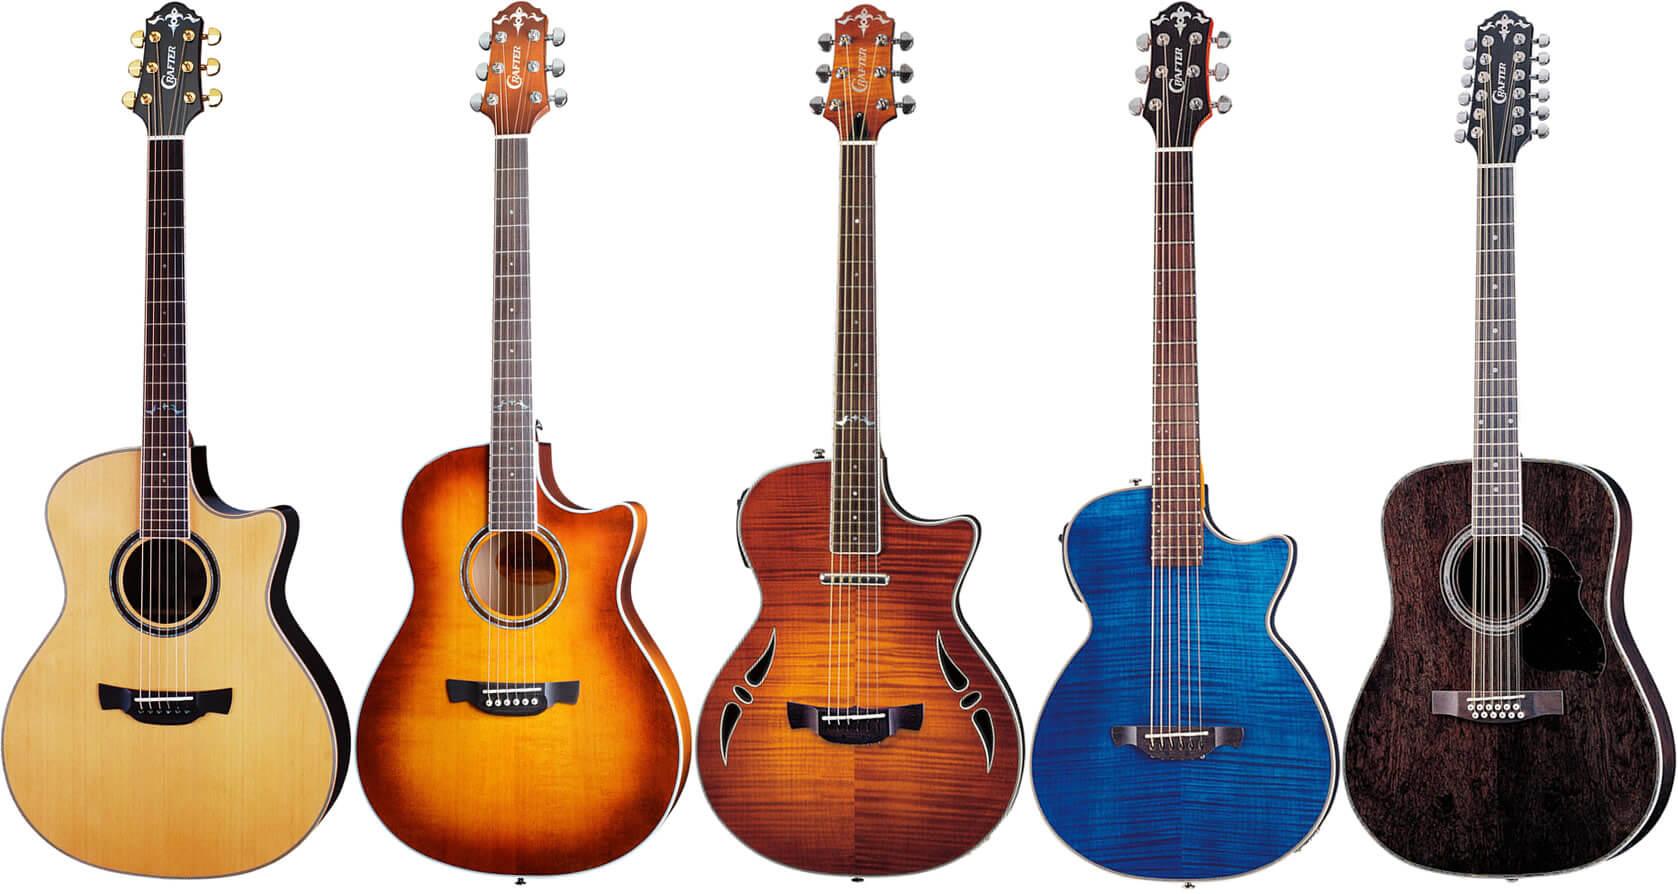 Crafter(クラフター)のアコースティックギター